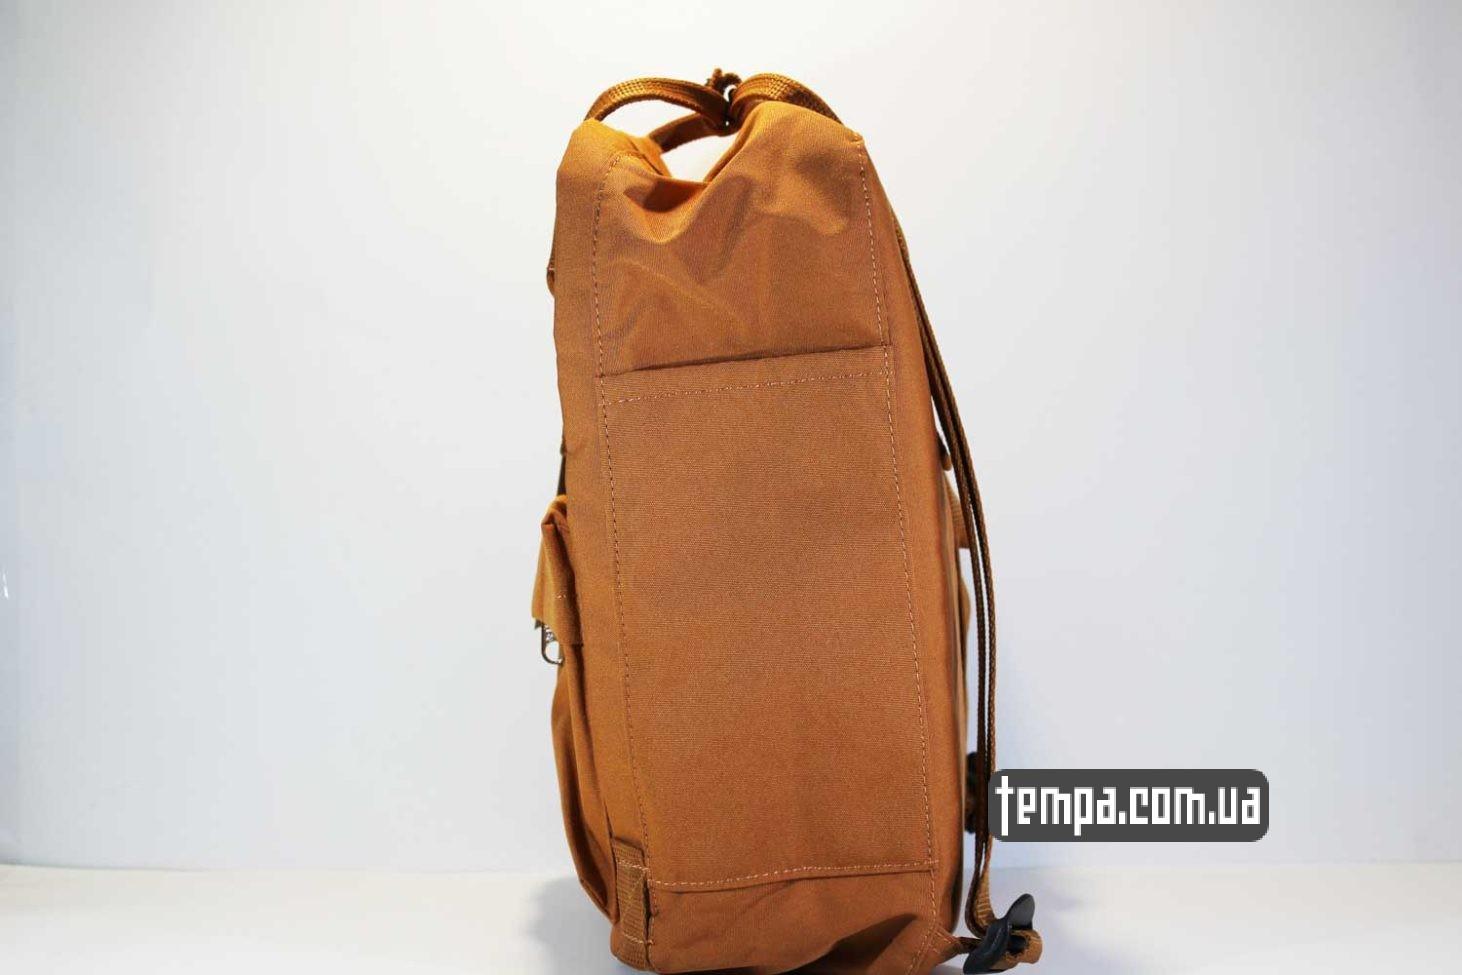 сумка чемодан Рюкзак re Fjällräven kanken rekanken канкен коричневый с лисой